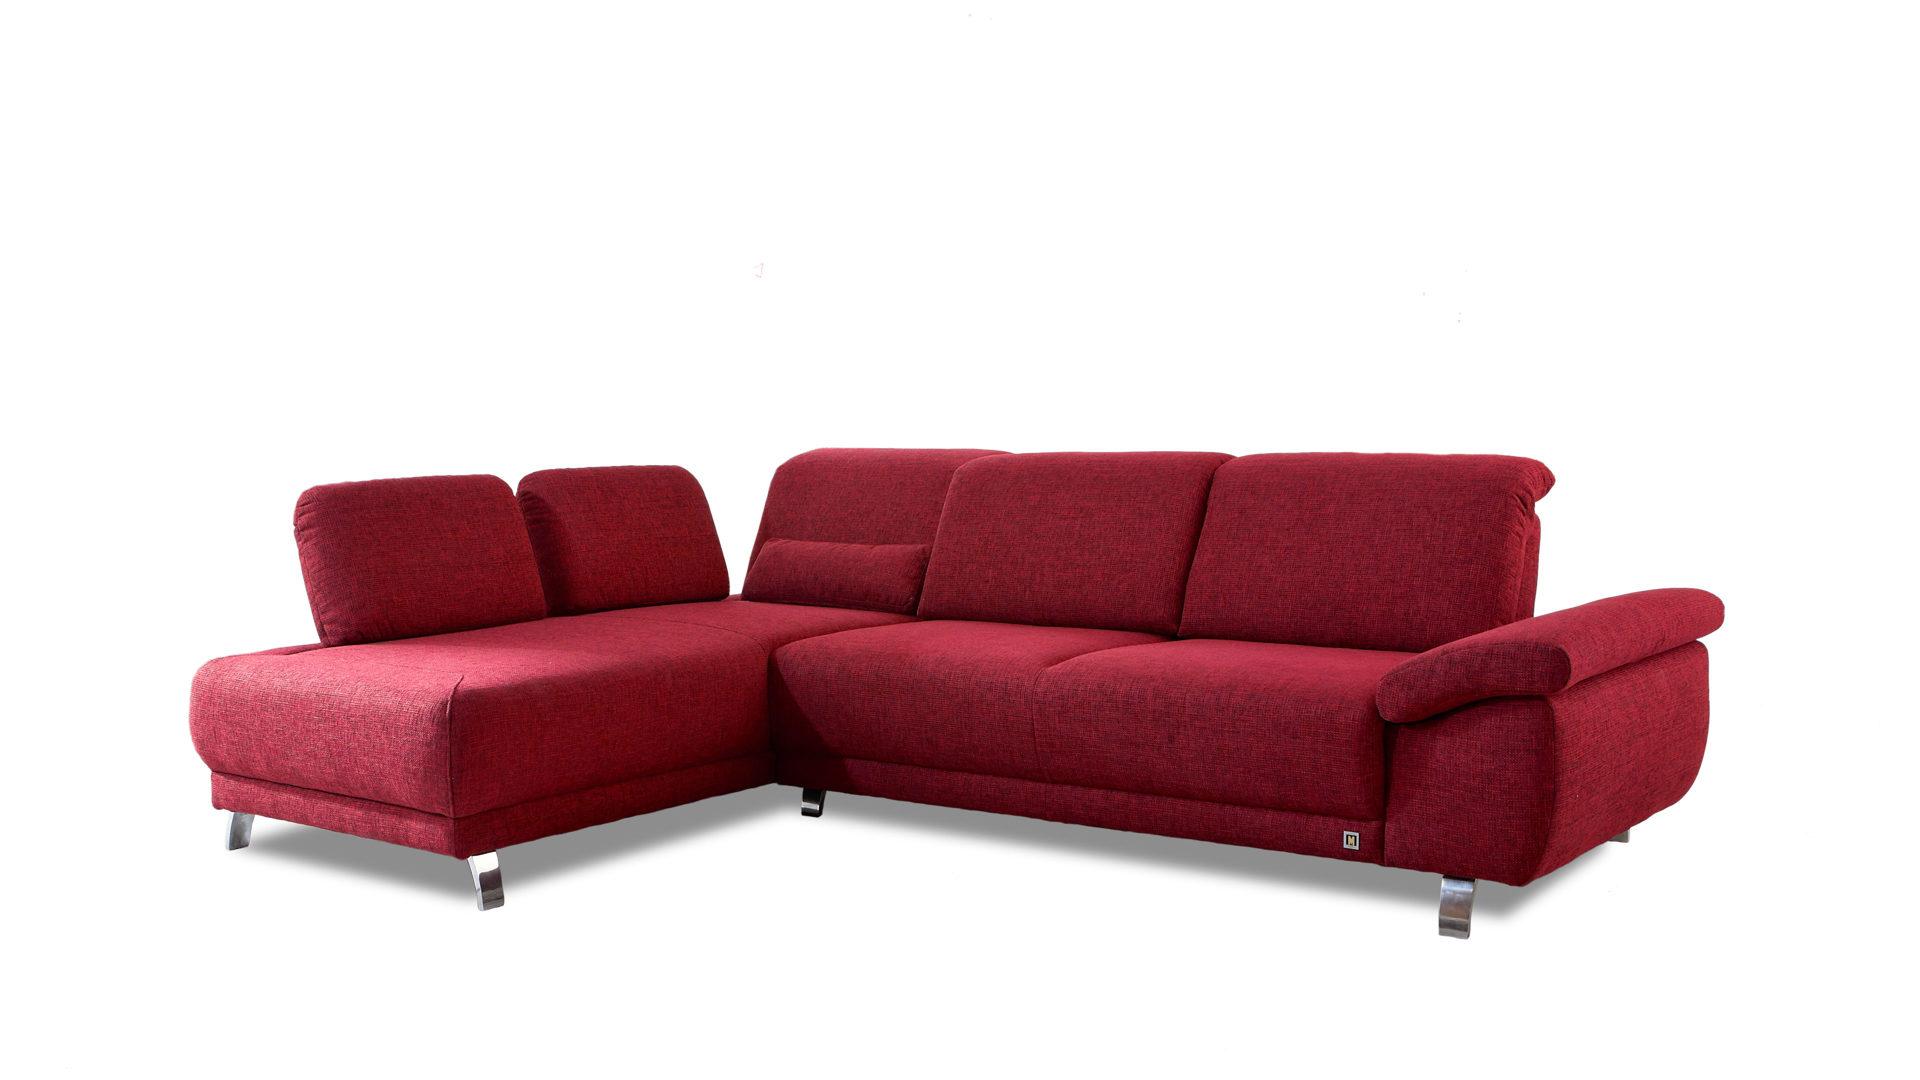 Möbel Gunst gunst schwäbisch möbel a z couches sofas ecksofas